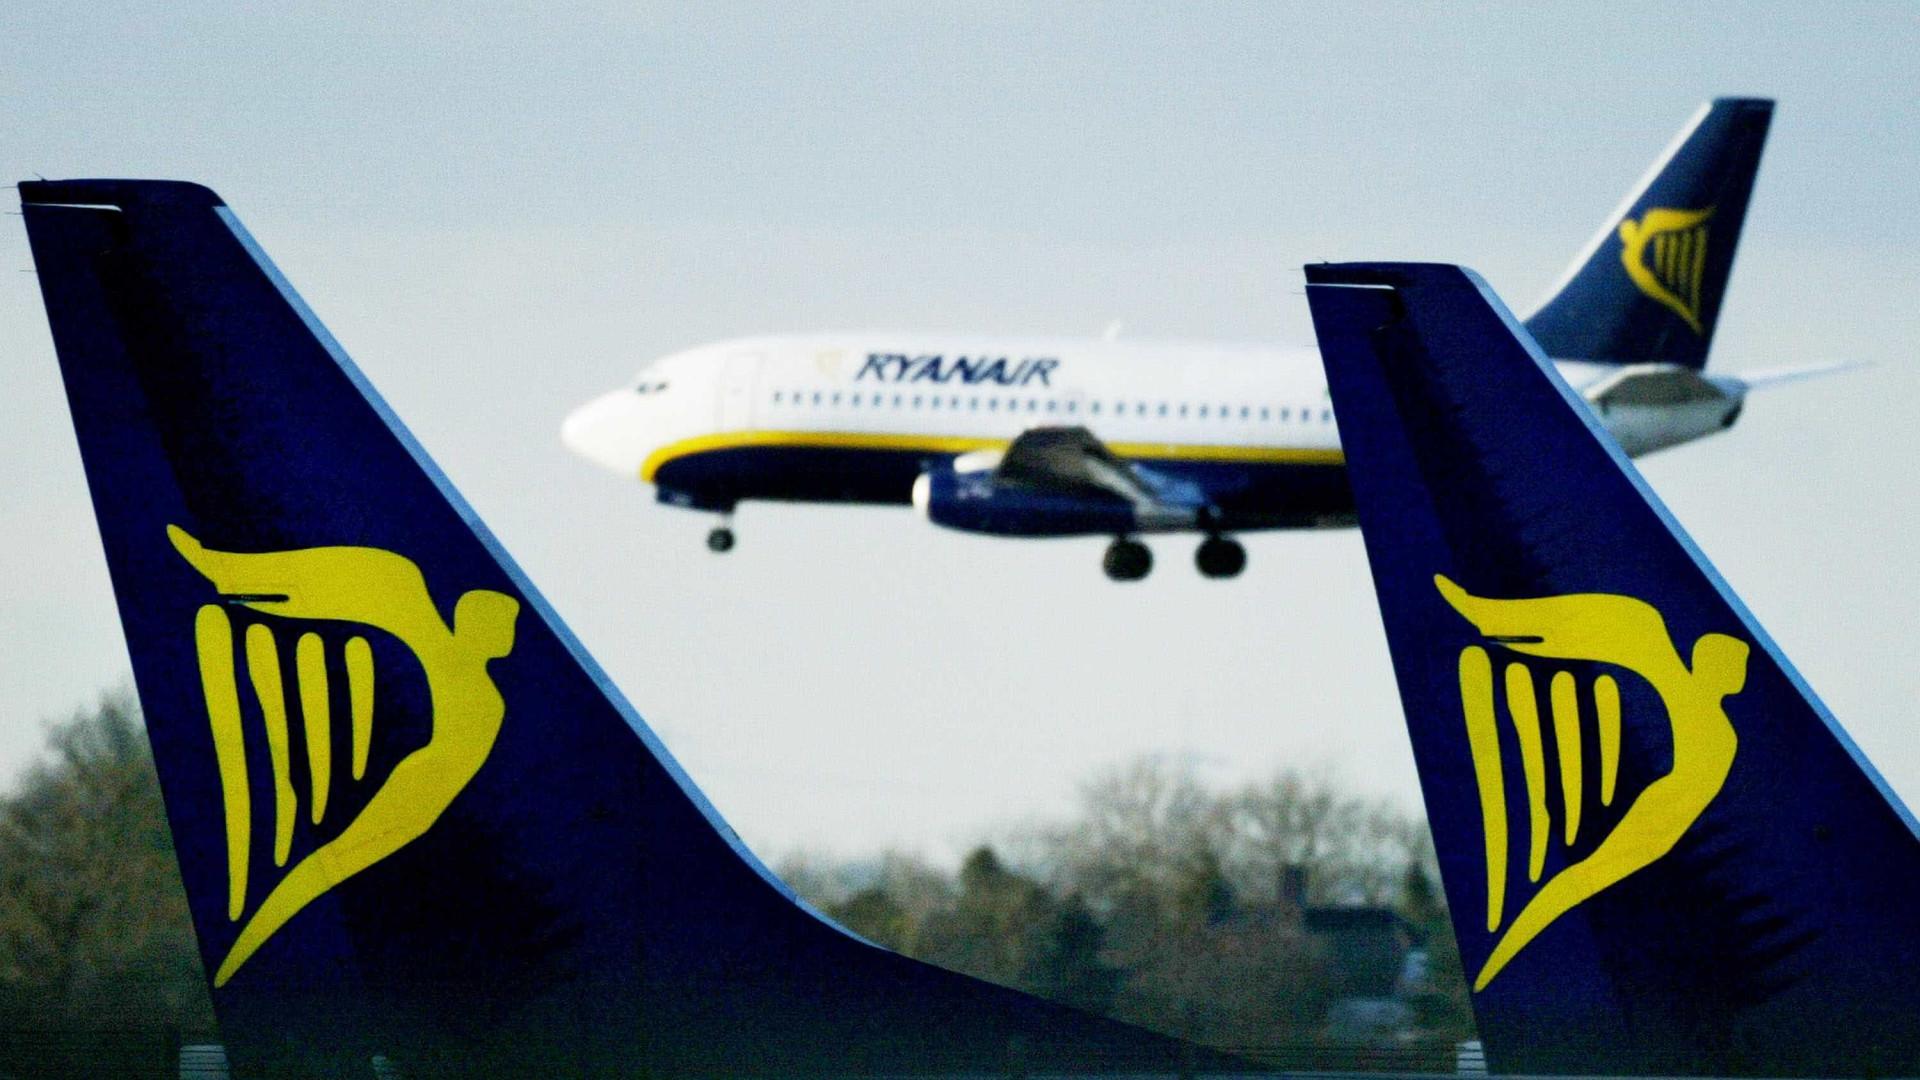 45 novos pilotos juntam-se hoje à Ryanair